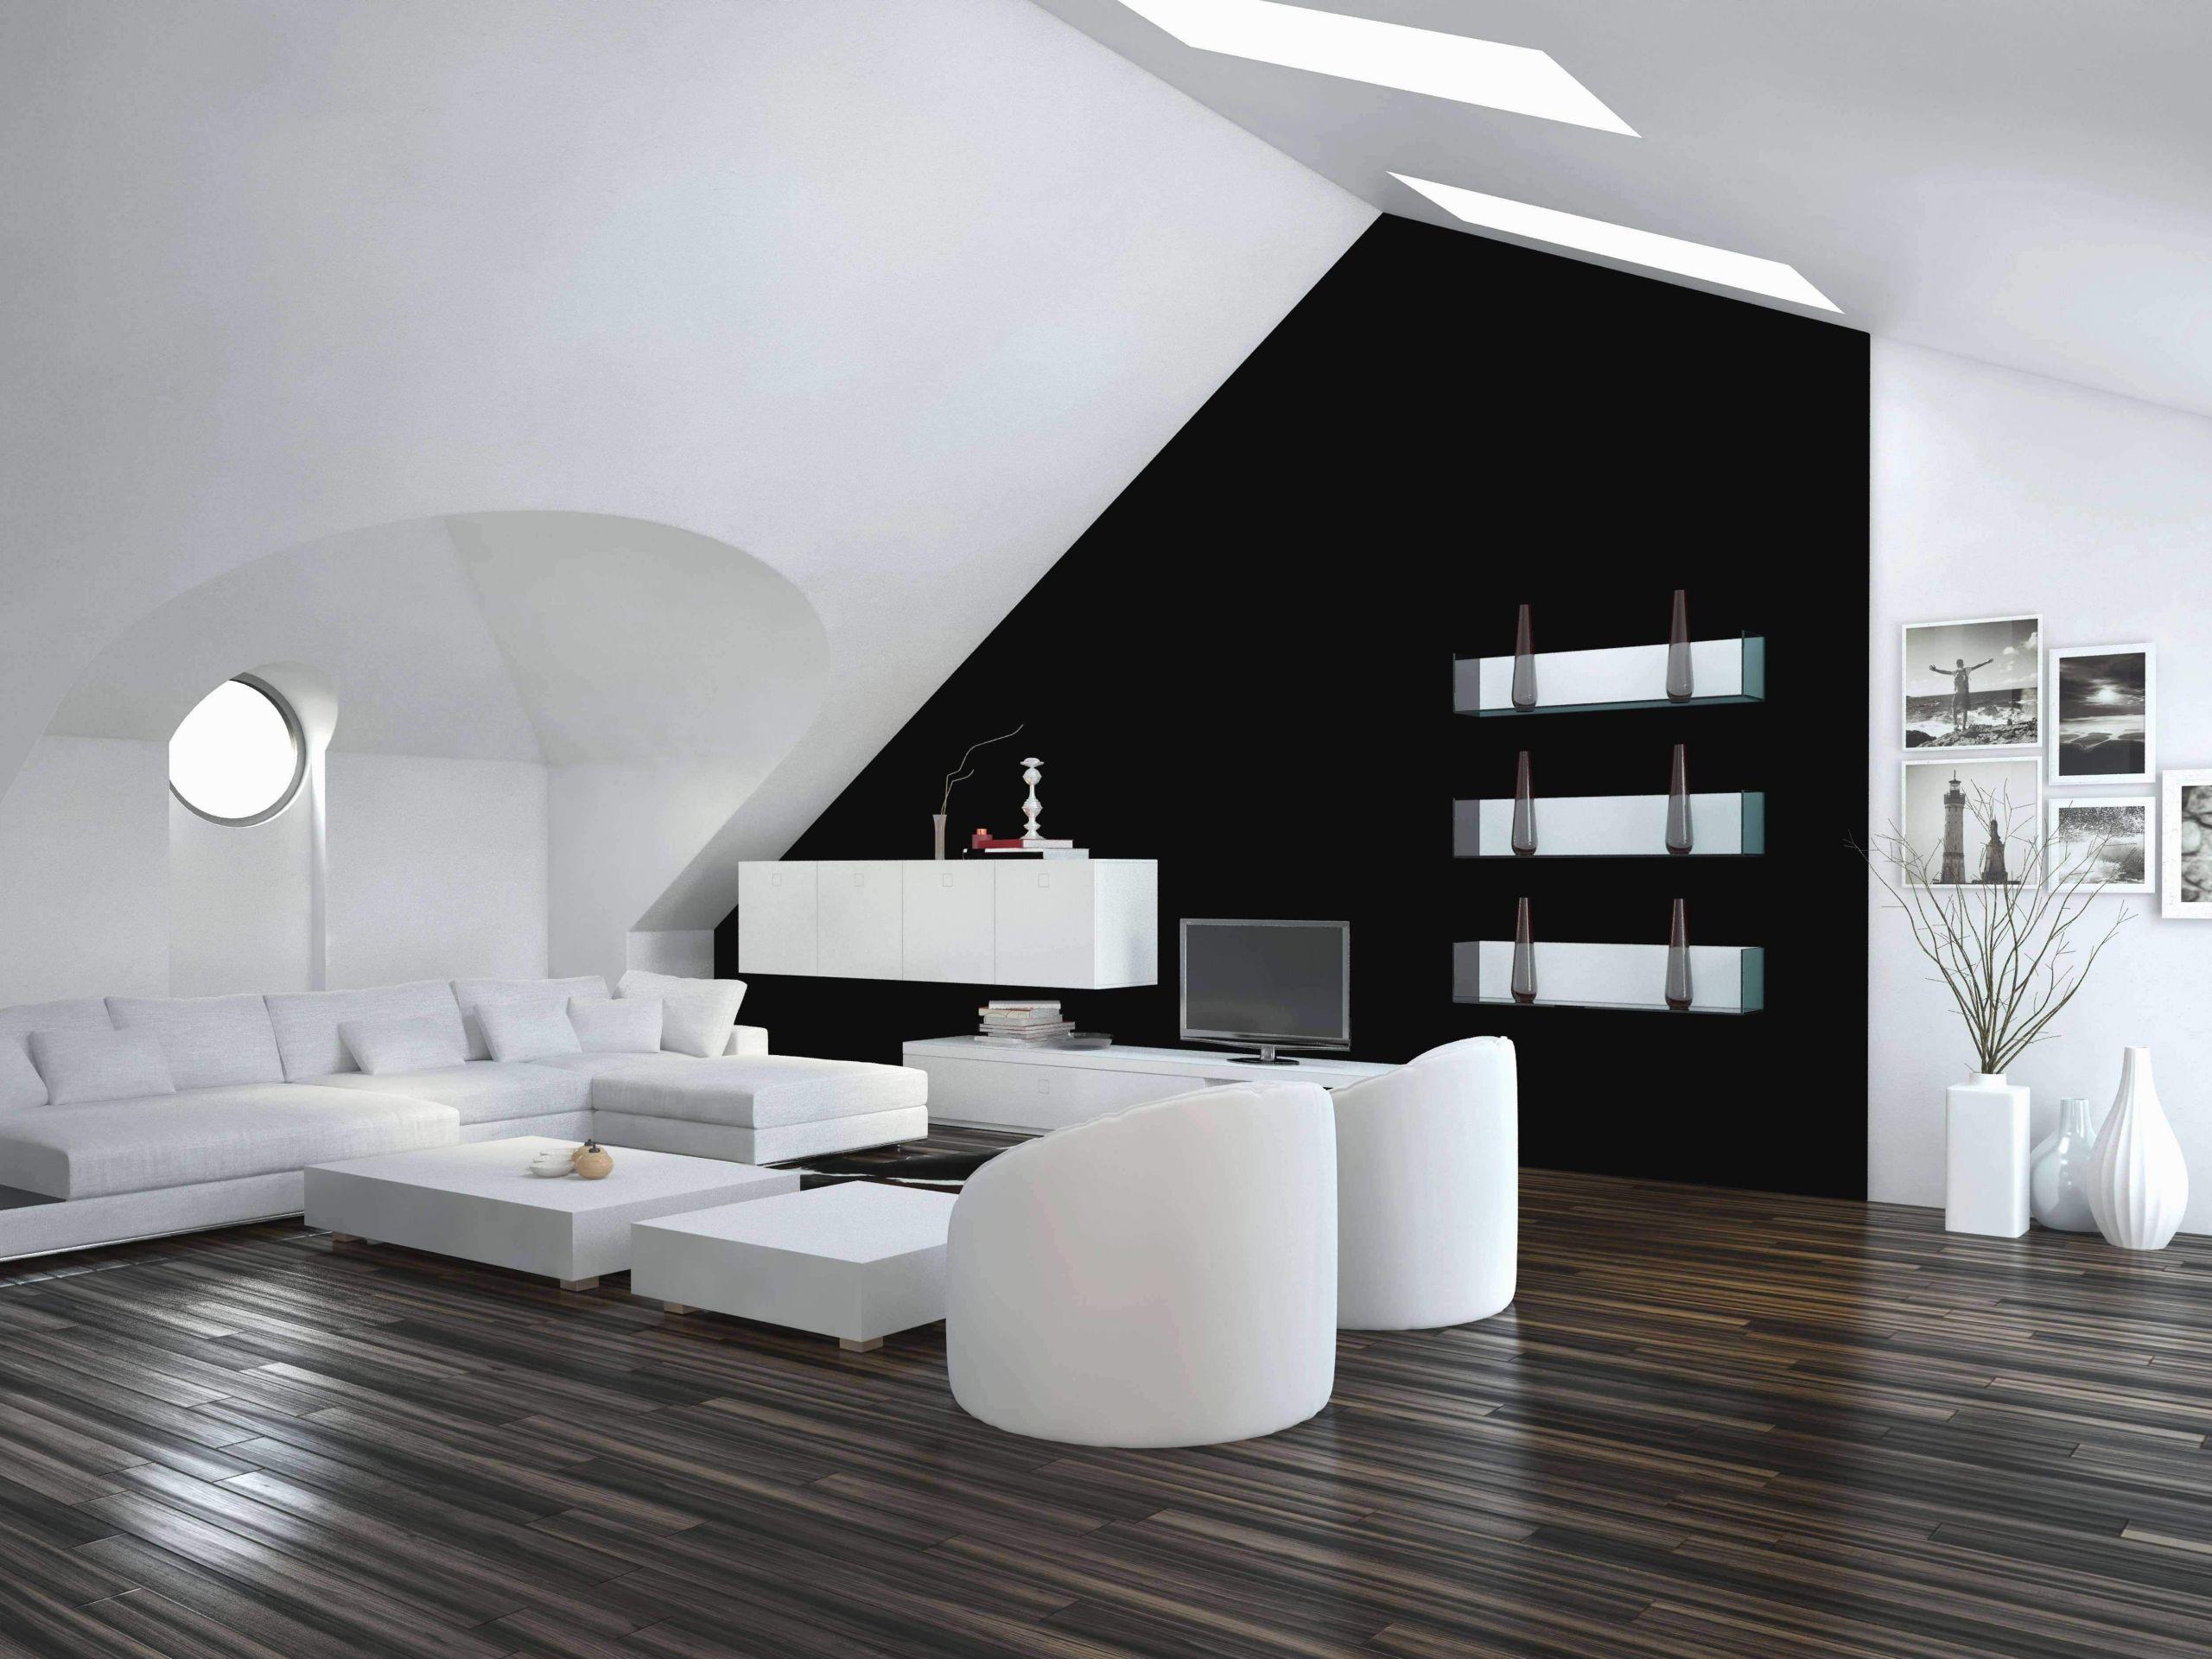 Dekoration Ideen Elegant Dekoration Wohnzimmer Das Beste Von Wohnzimmer Deko Ideen